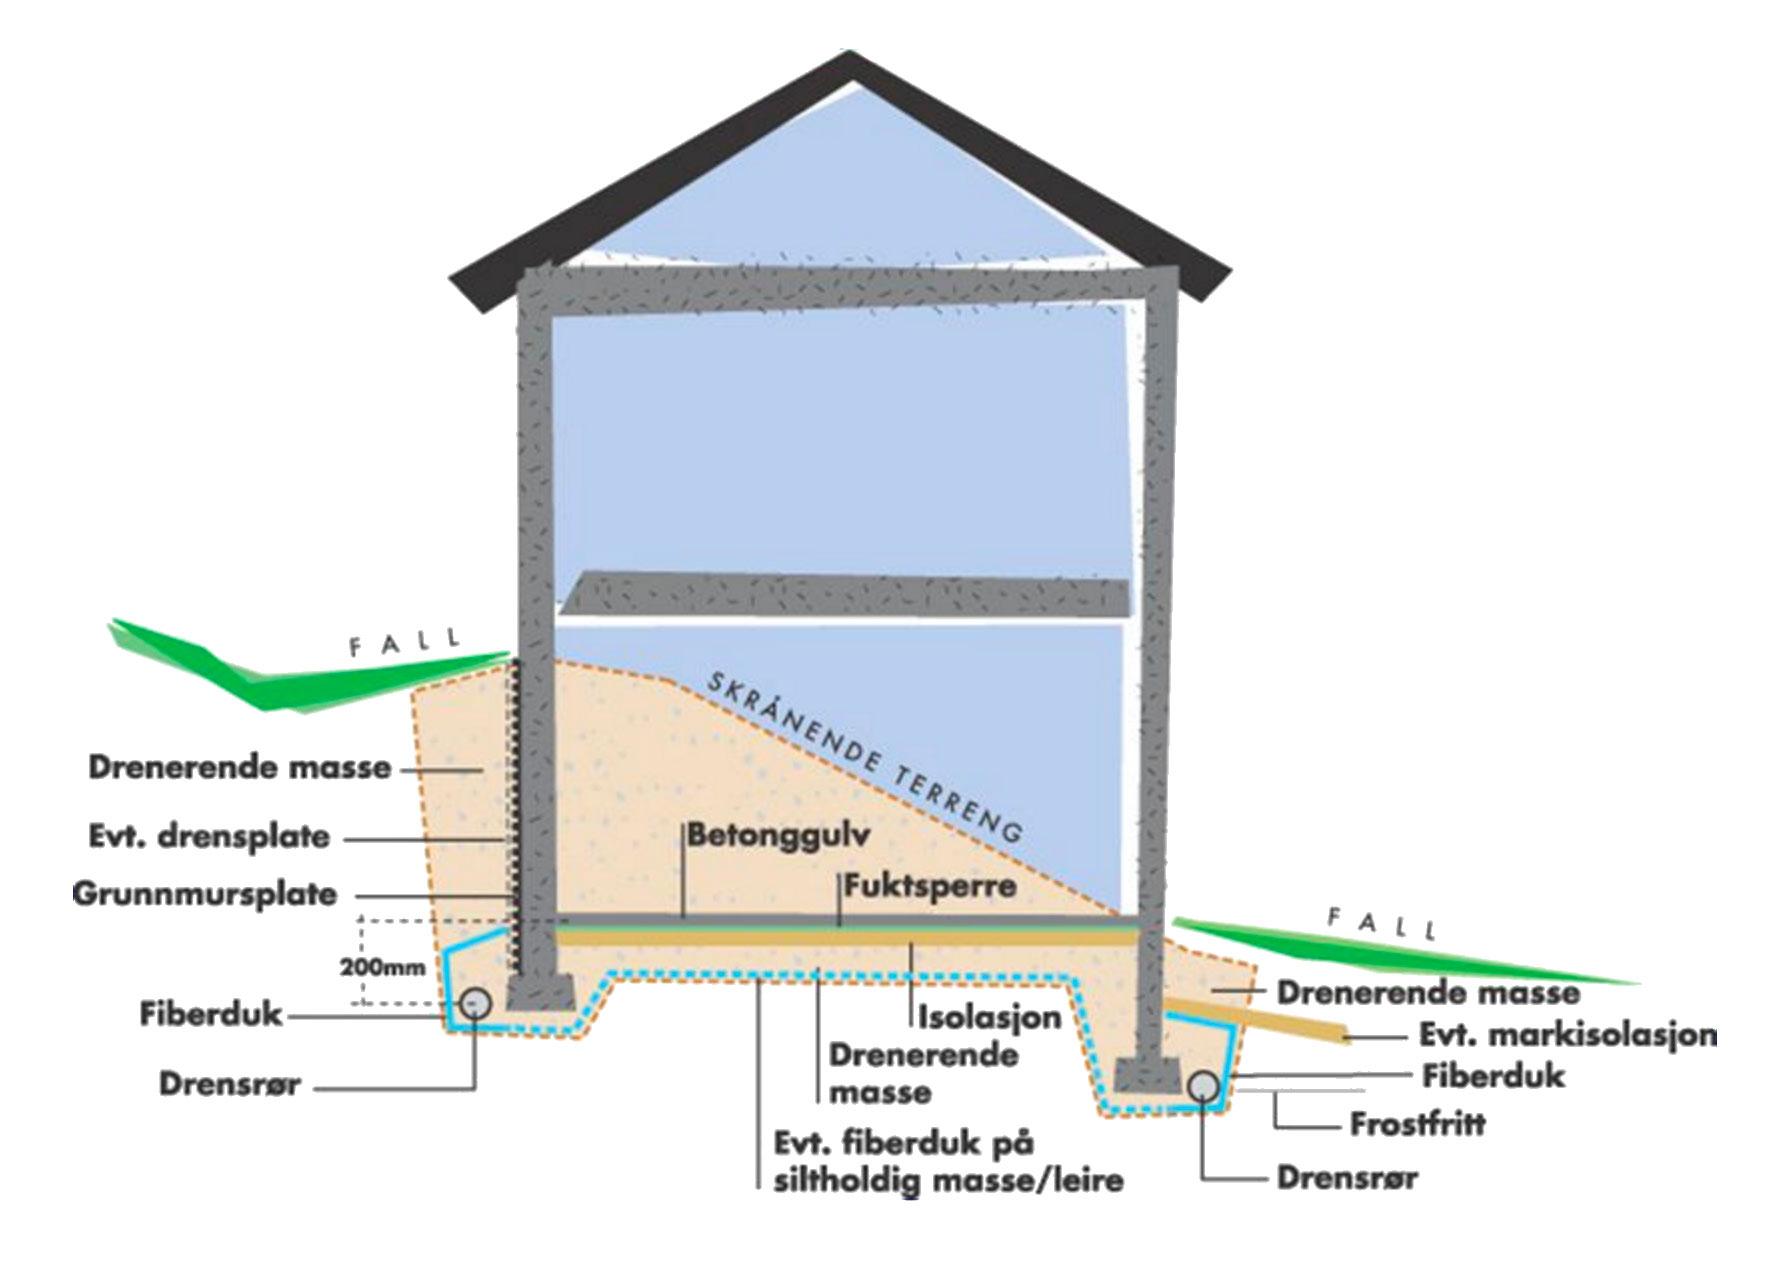 Illustrasjon over drenering av hus